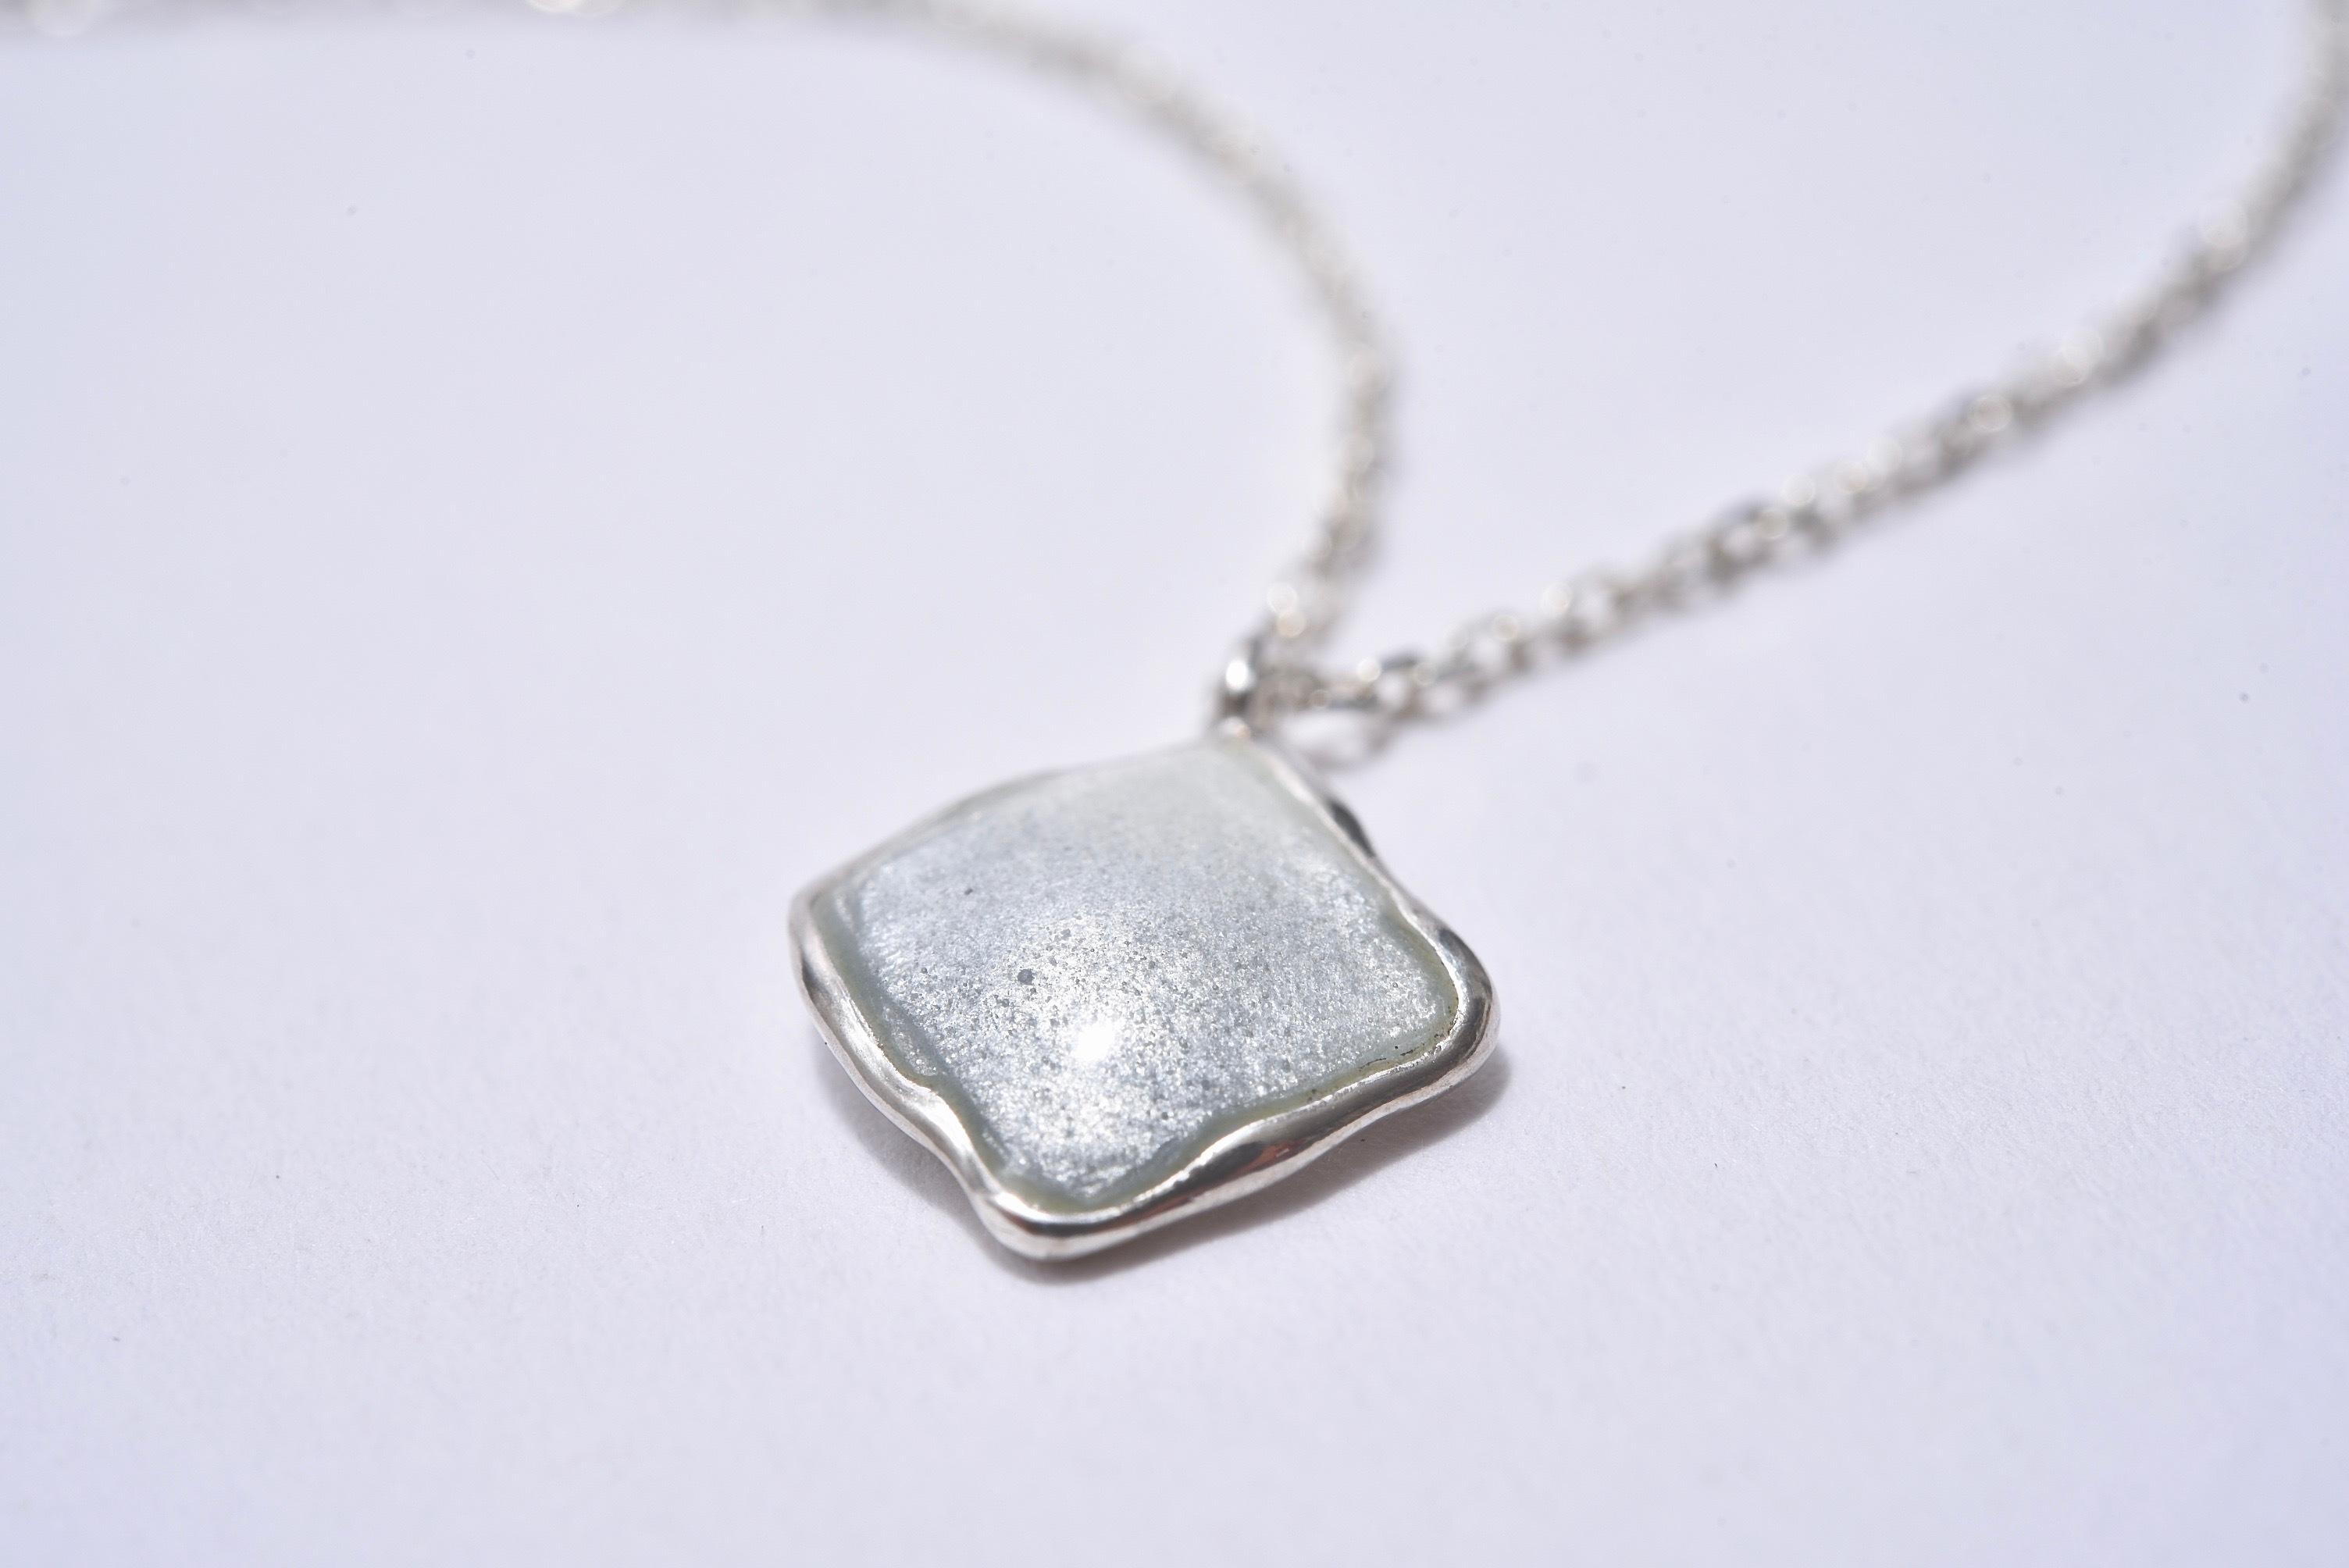 七宝ネックレス-ニュアンスカラー○グレー/silver925